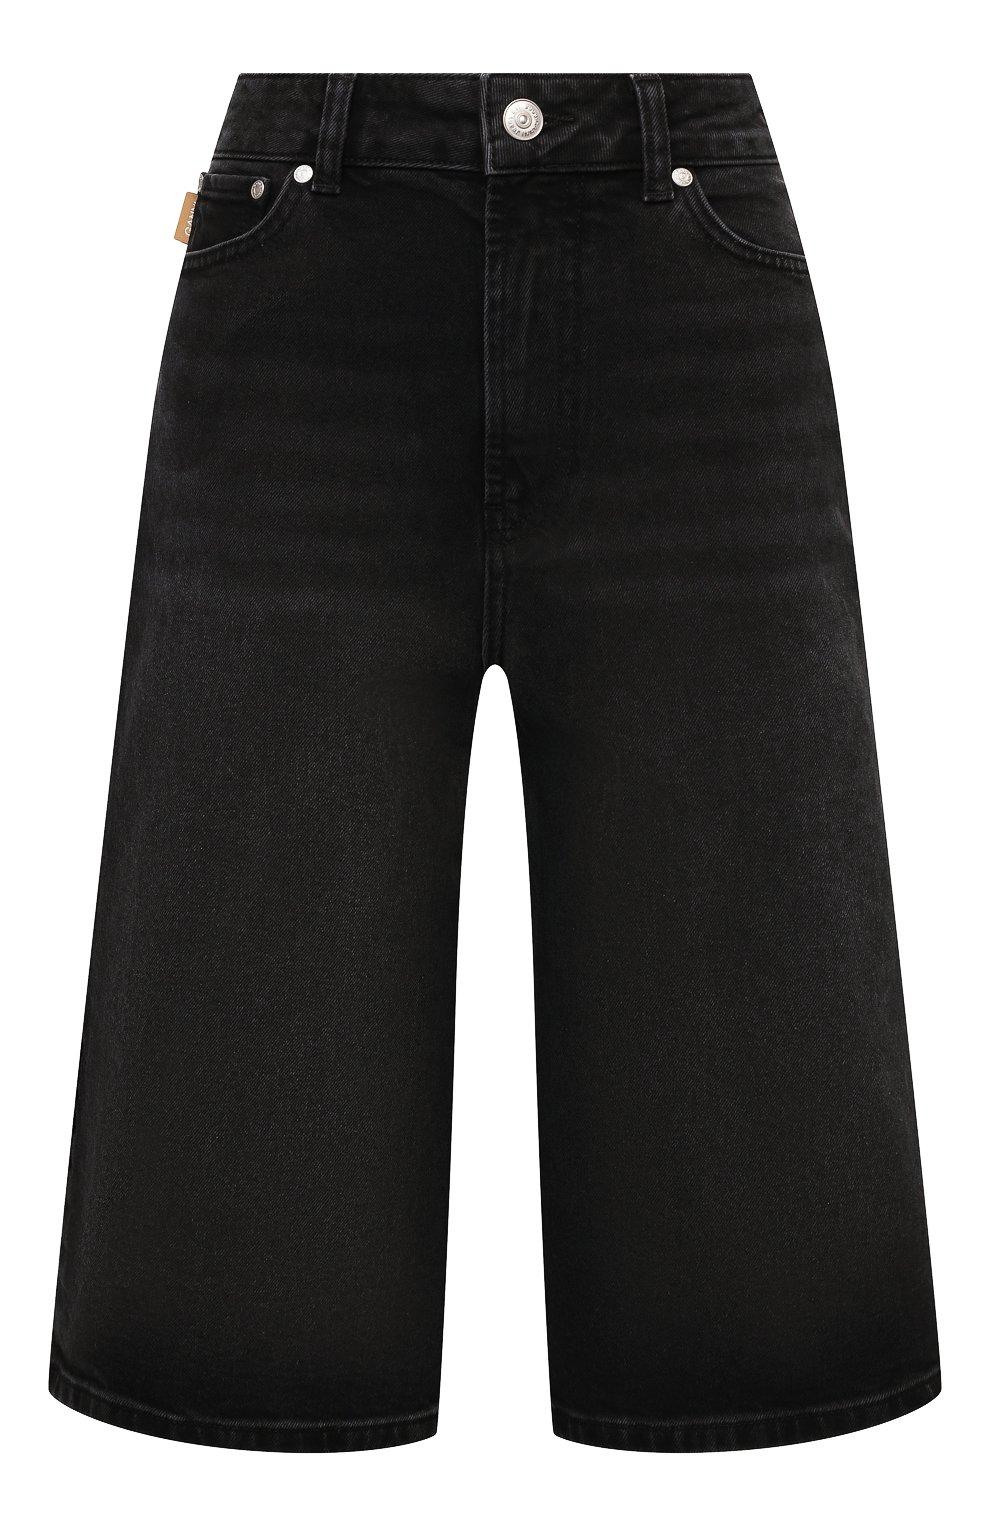 Женские джинсовые шорты GANNI темно-серого цвета, арт. F6110 | Фото 1 (Женское Кросс-КТ: Шорты-одежда; Кросс-КТ: Деним, Широкие; Материал внешний: Хлопок; Длина Ж (юбки, платья, шорты): Миди; Стили: Кэжуэл)